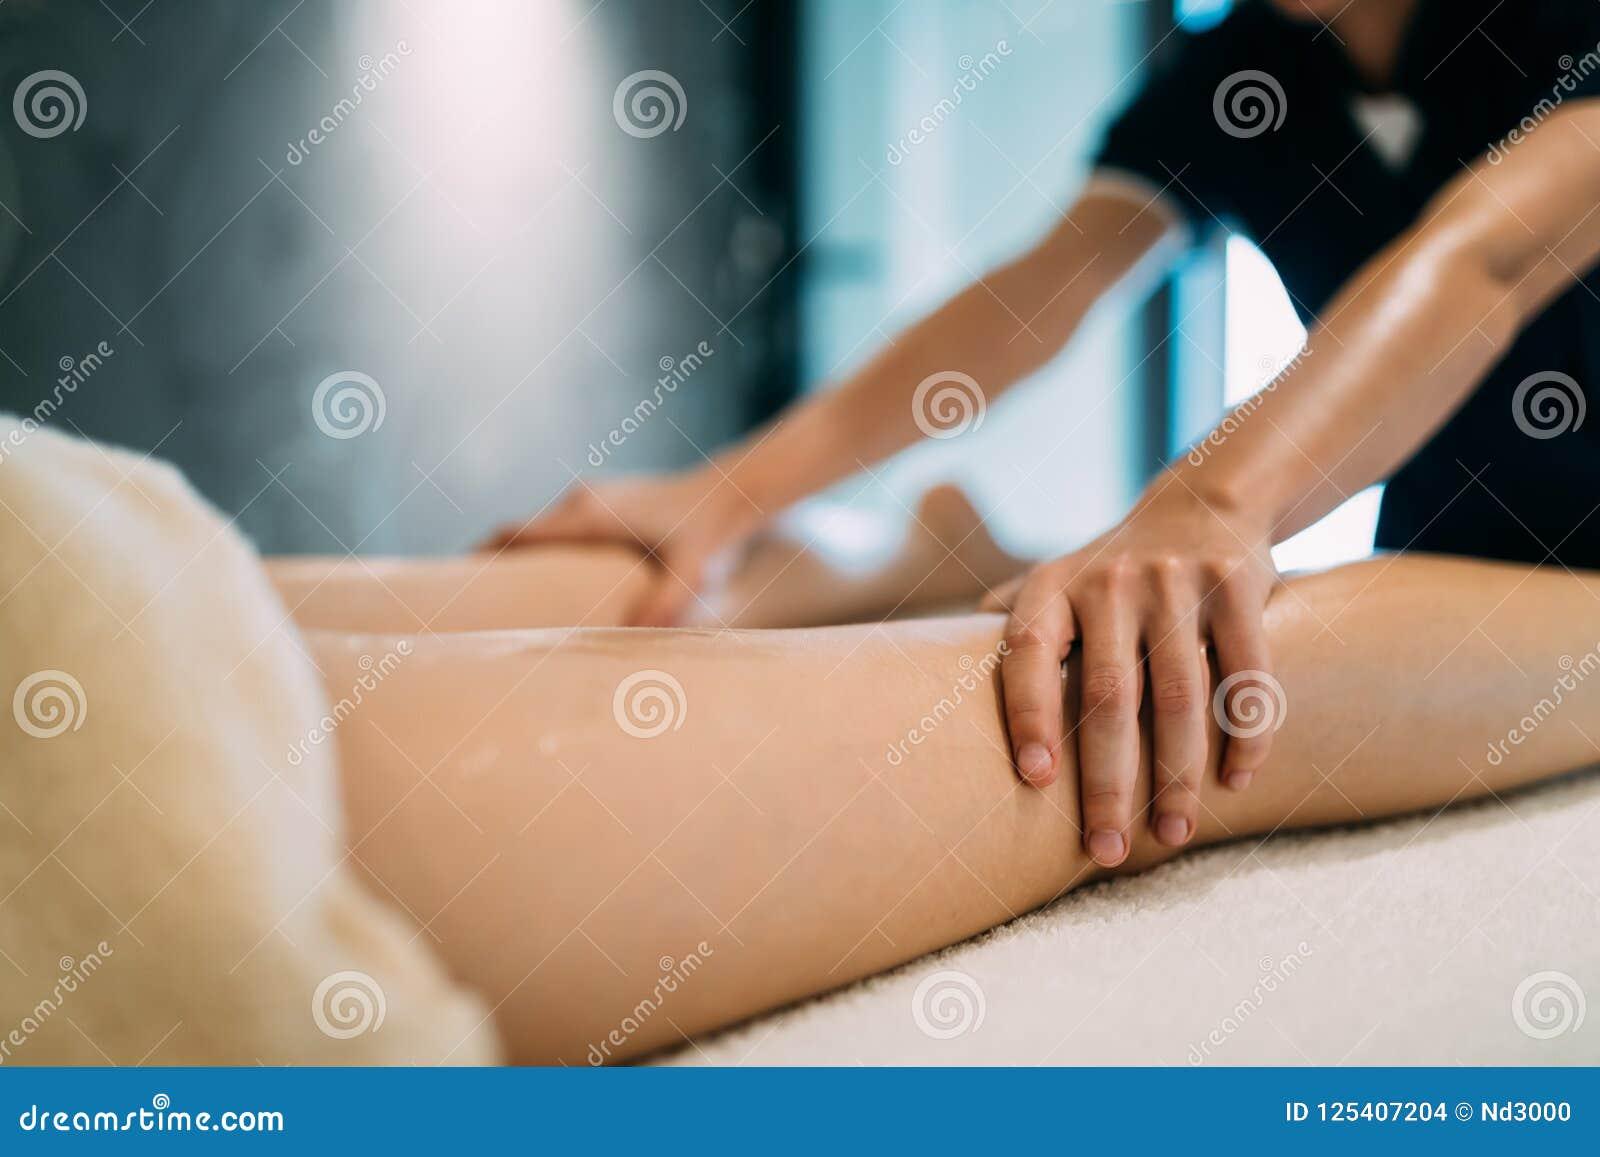 Masseur massant la masseuse pendant le tretment thérapeutique